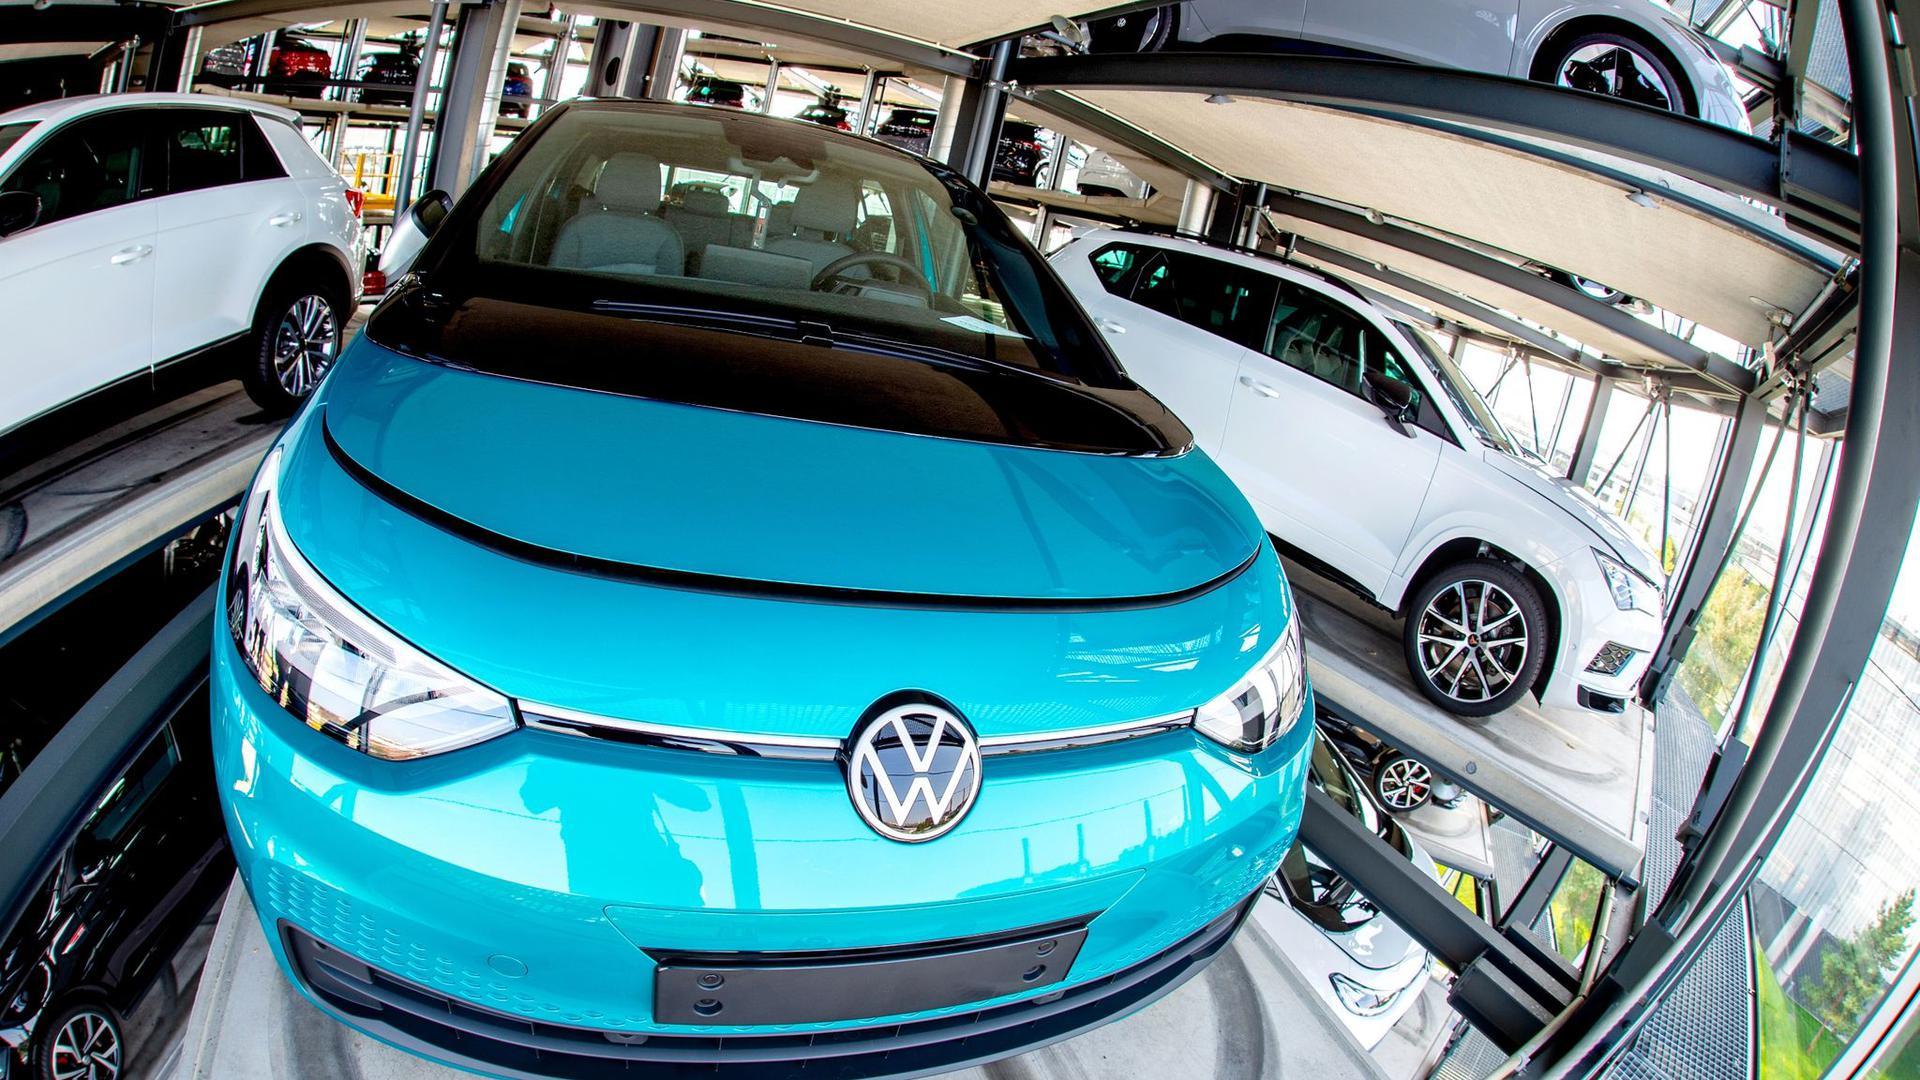 Ein neuer VW ID.3 steht bei einem Pressetermin zur Auslieferung der ersten Volkswagen-Elektroautos in einem Autoturm der Autostadt.